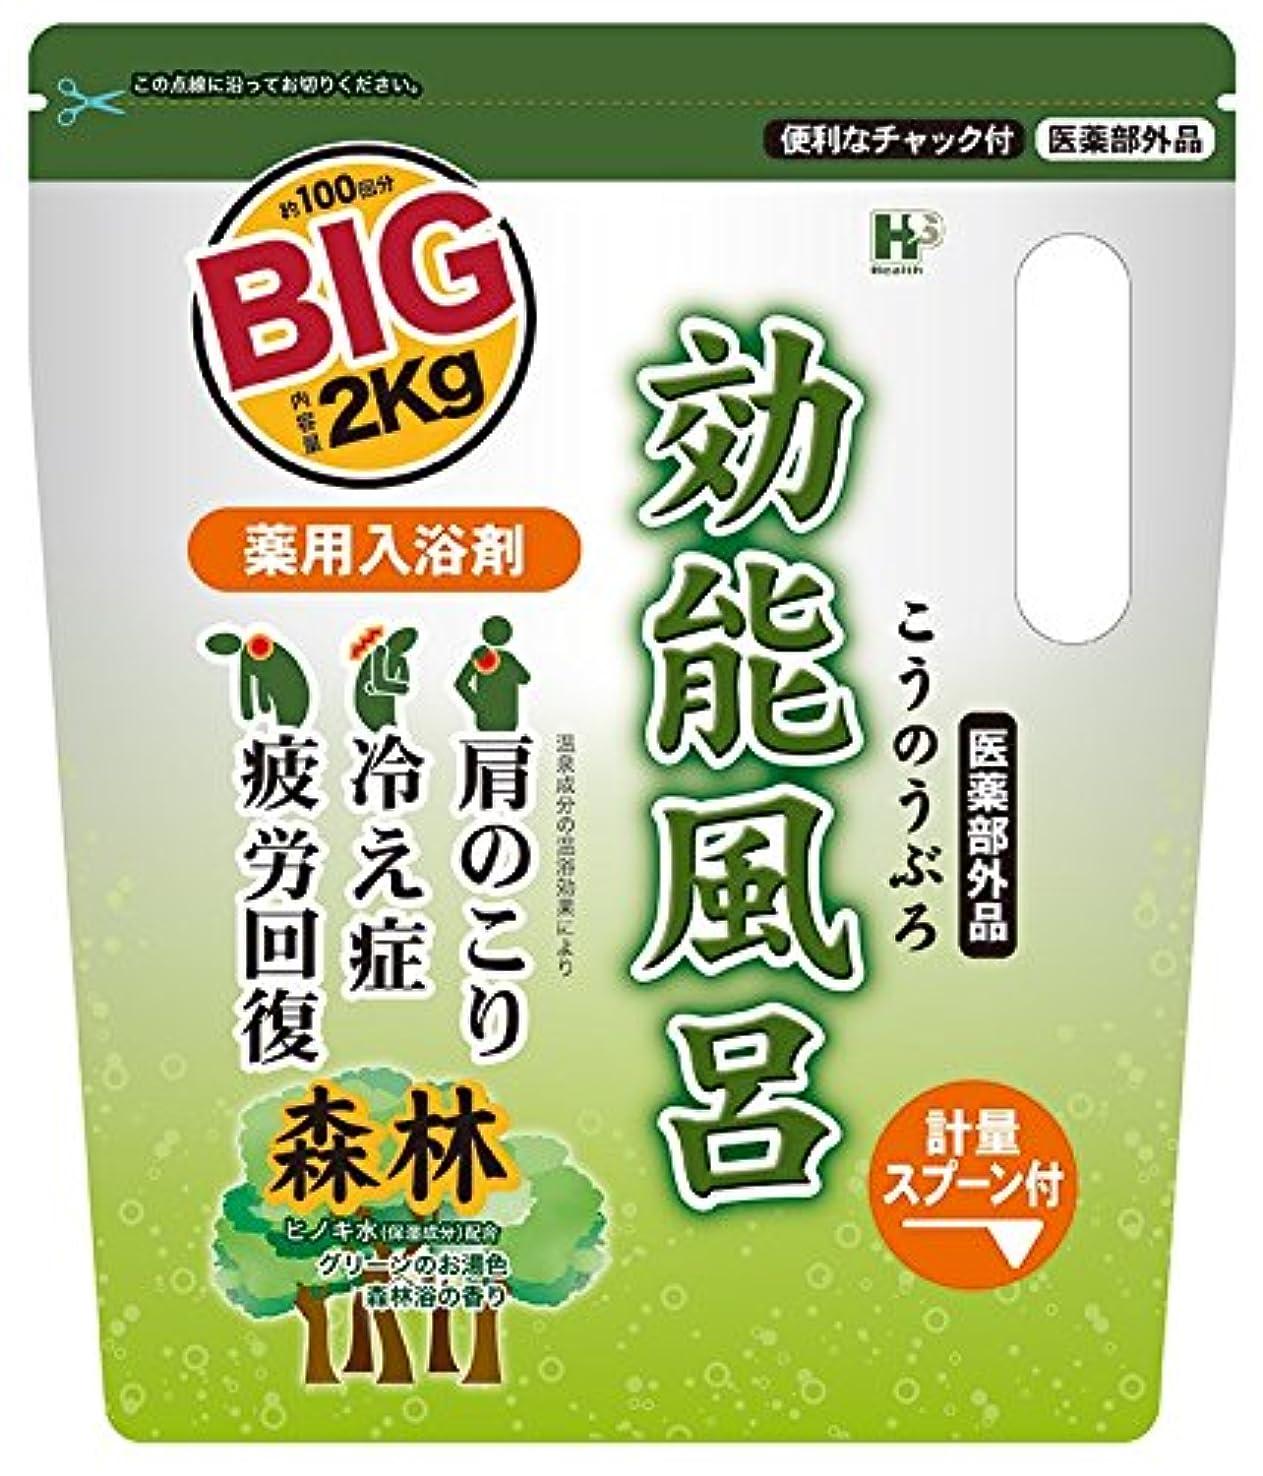 お別れ傑出した栄光の薬用入浴剤 効能風呂 森林の香り BIGサイズ 2kg [医薬部外品]